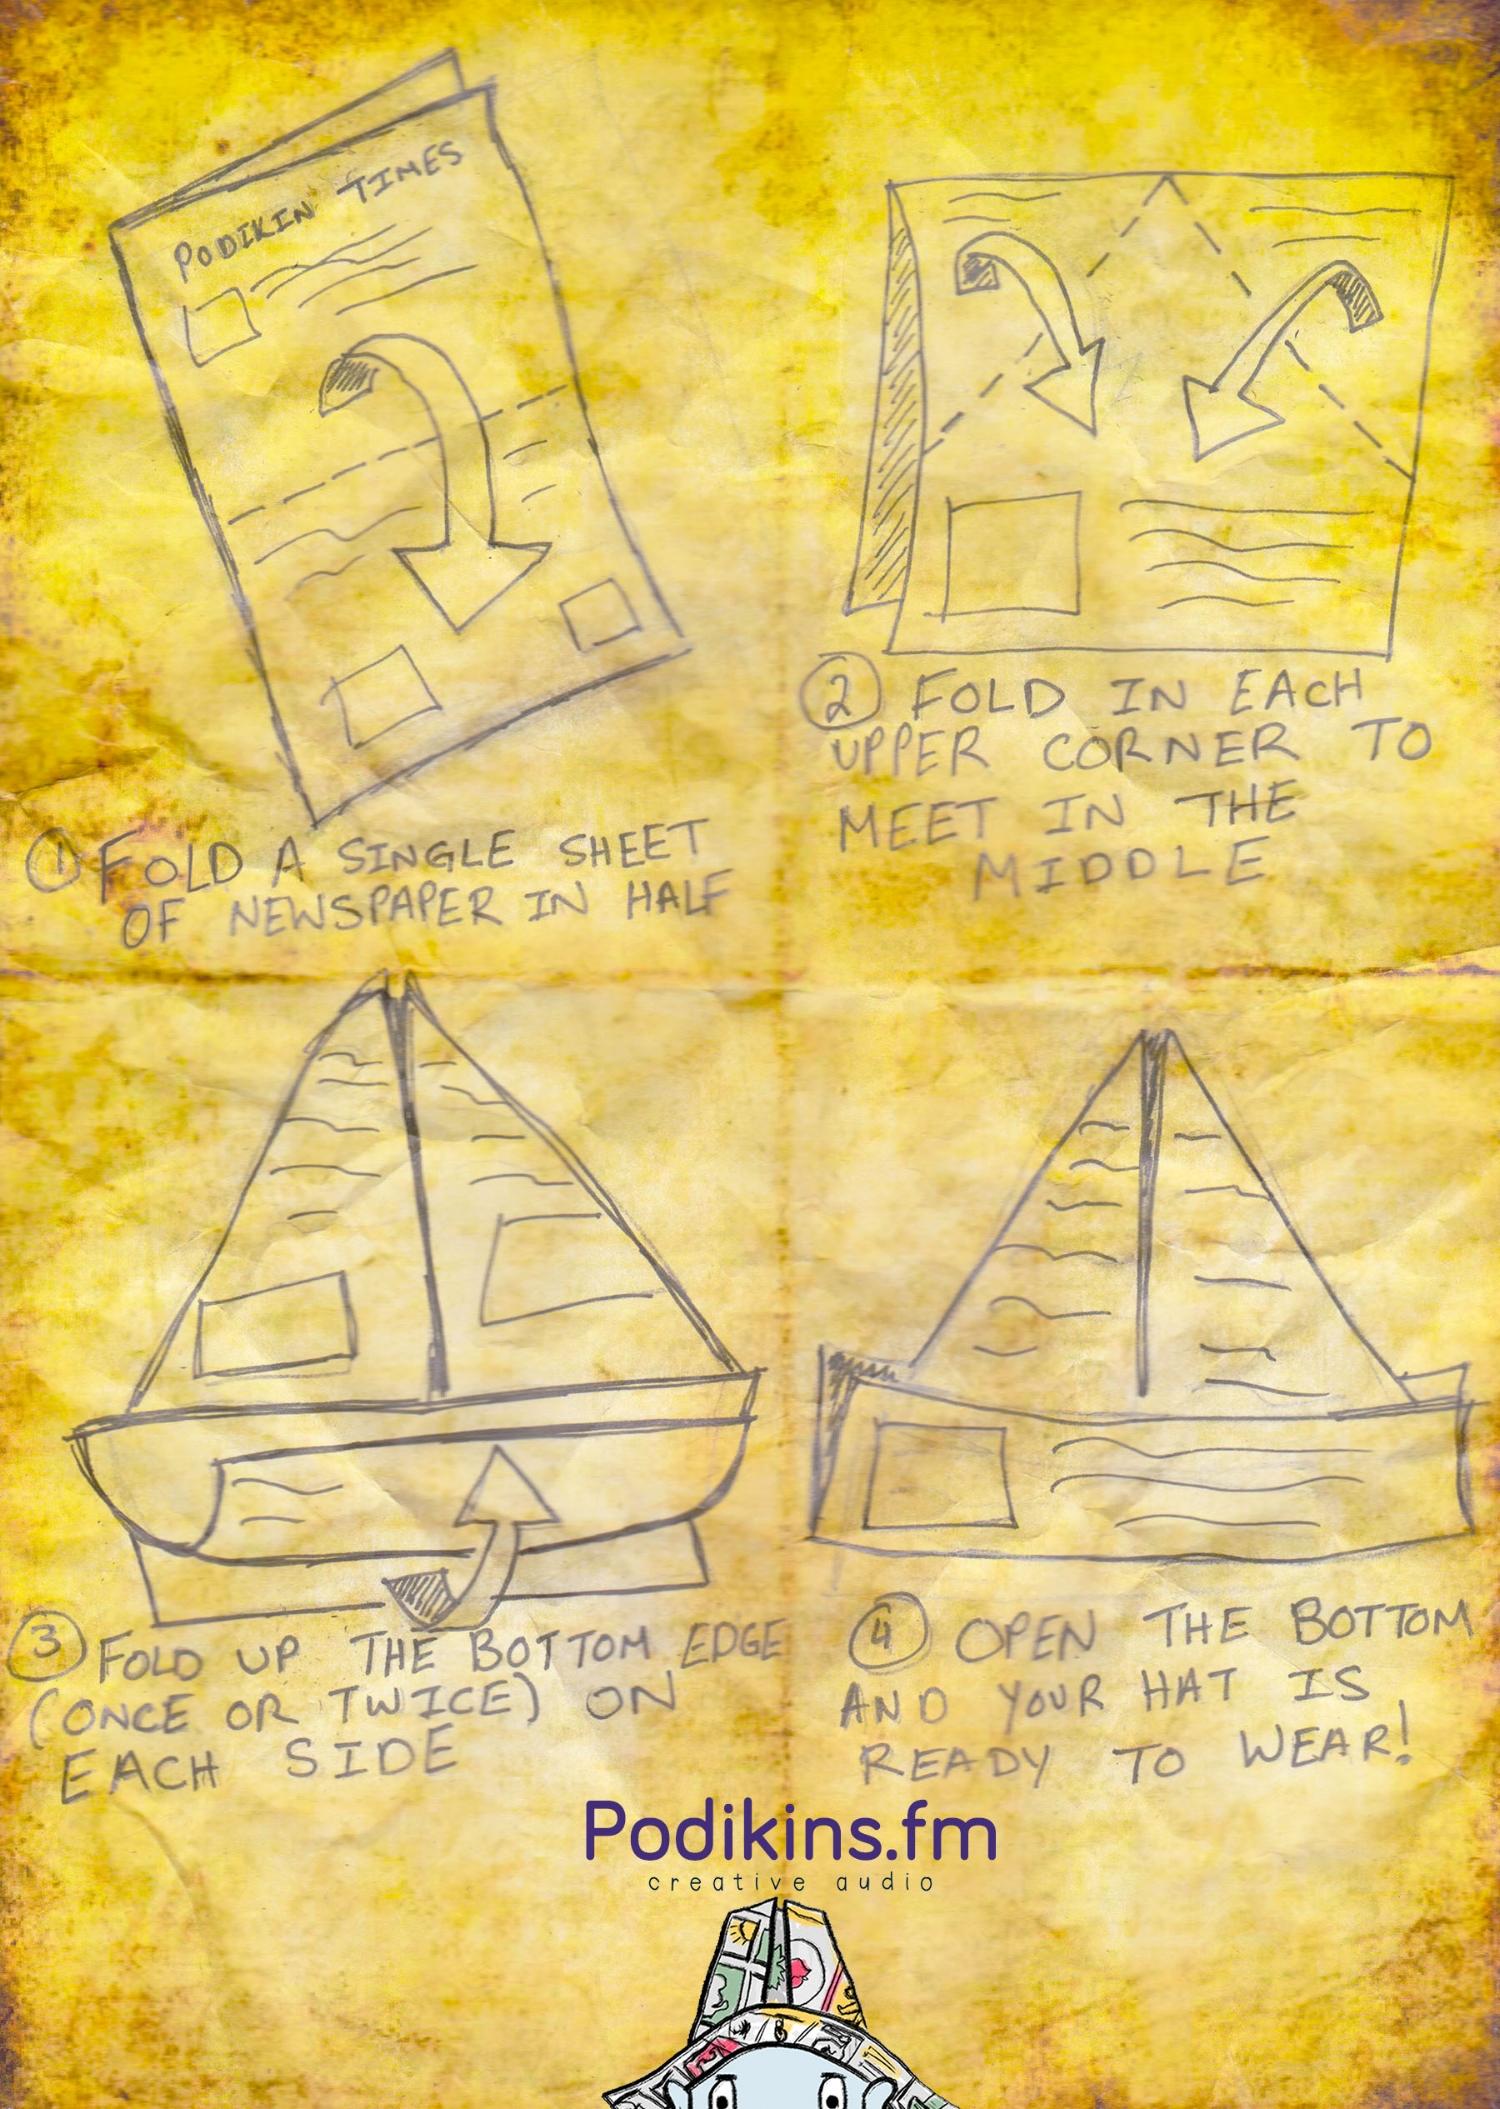 instructions og.jpg